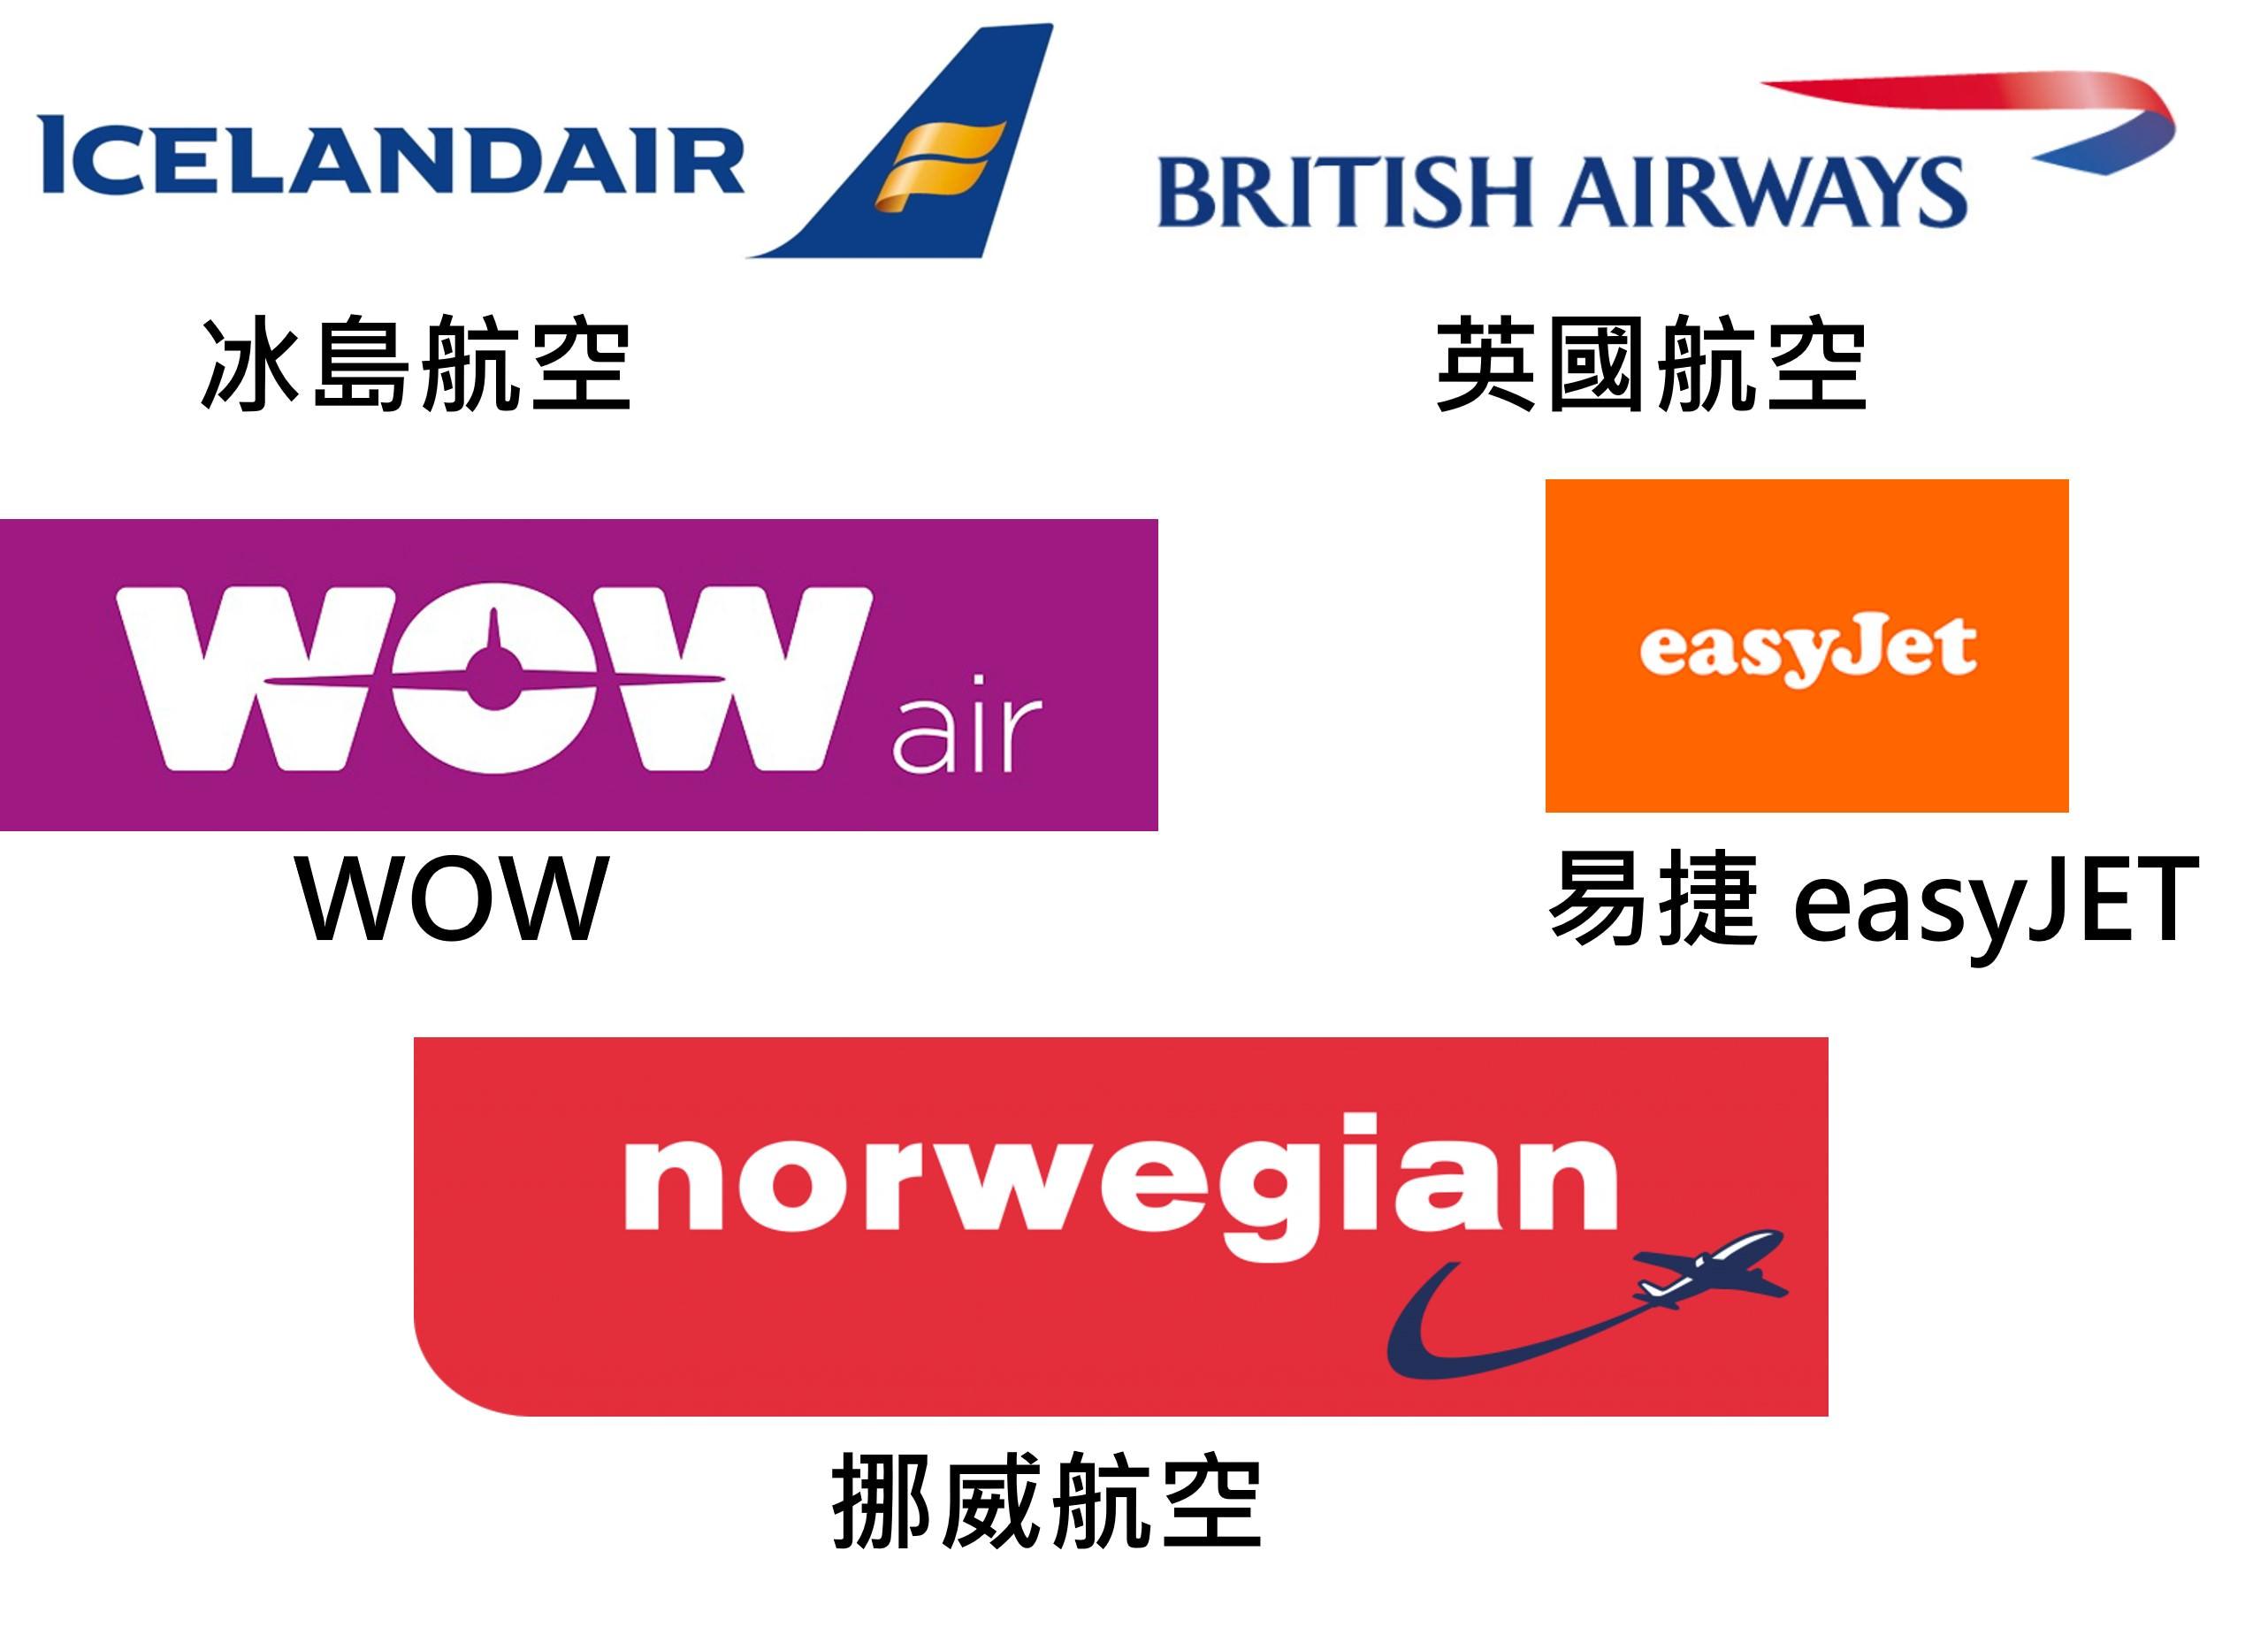 冰島機票怎麼買